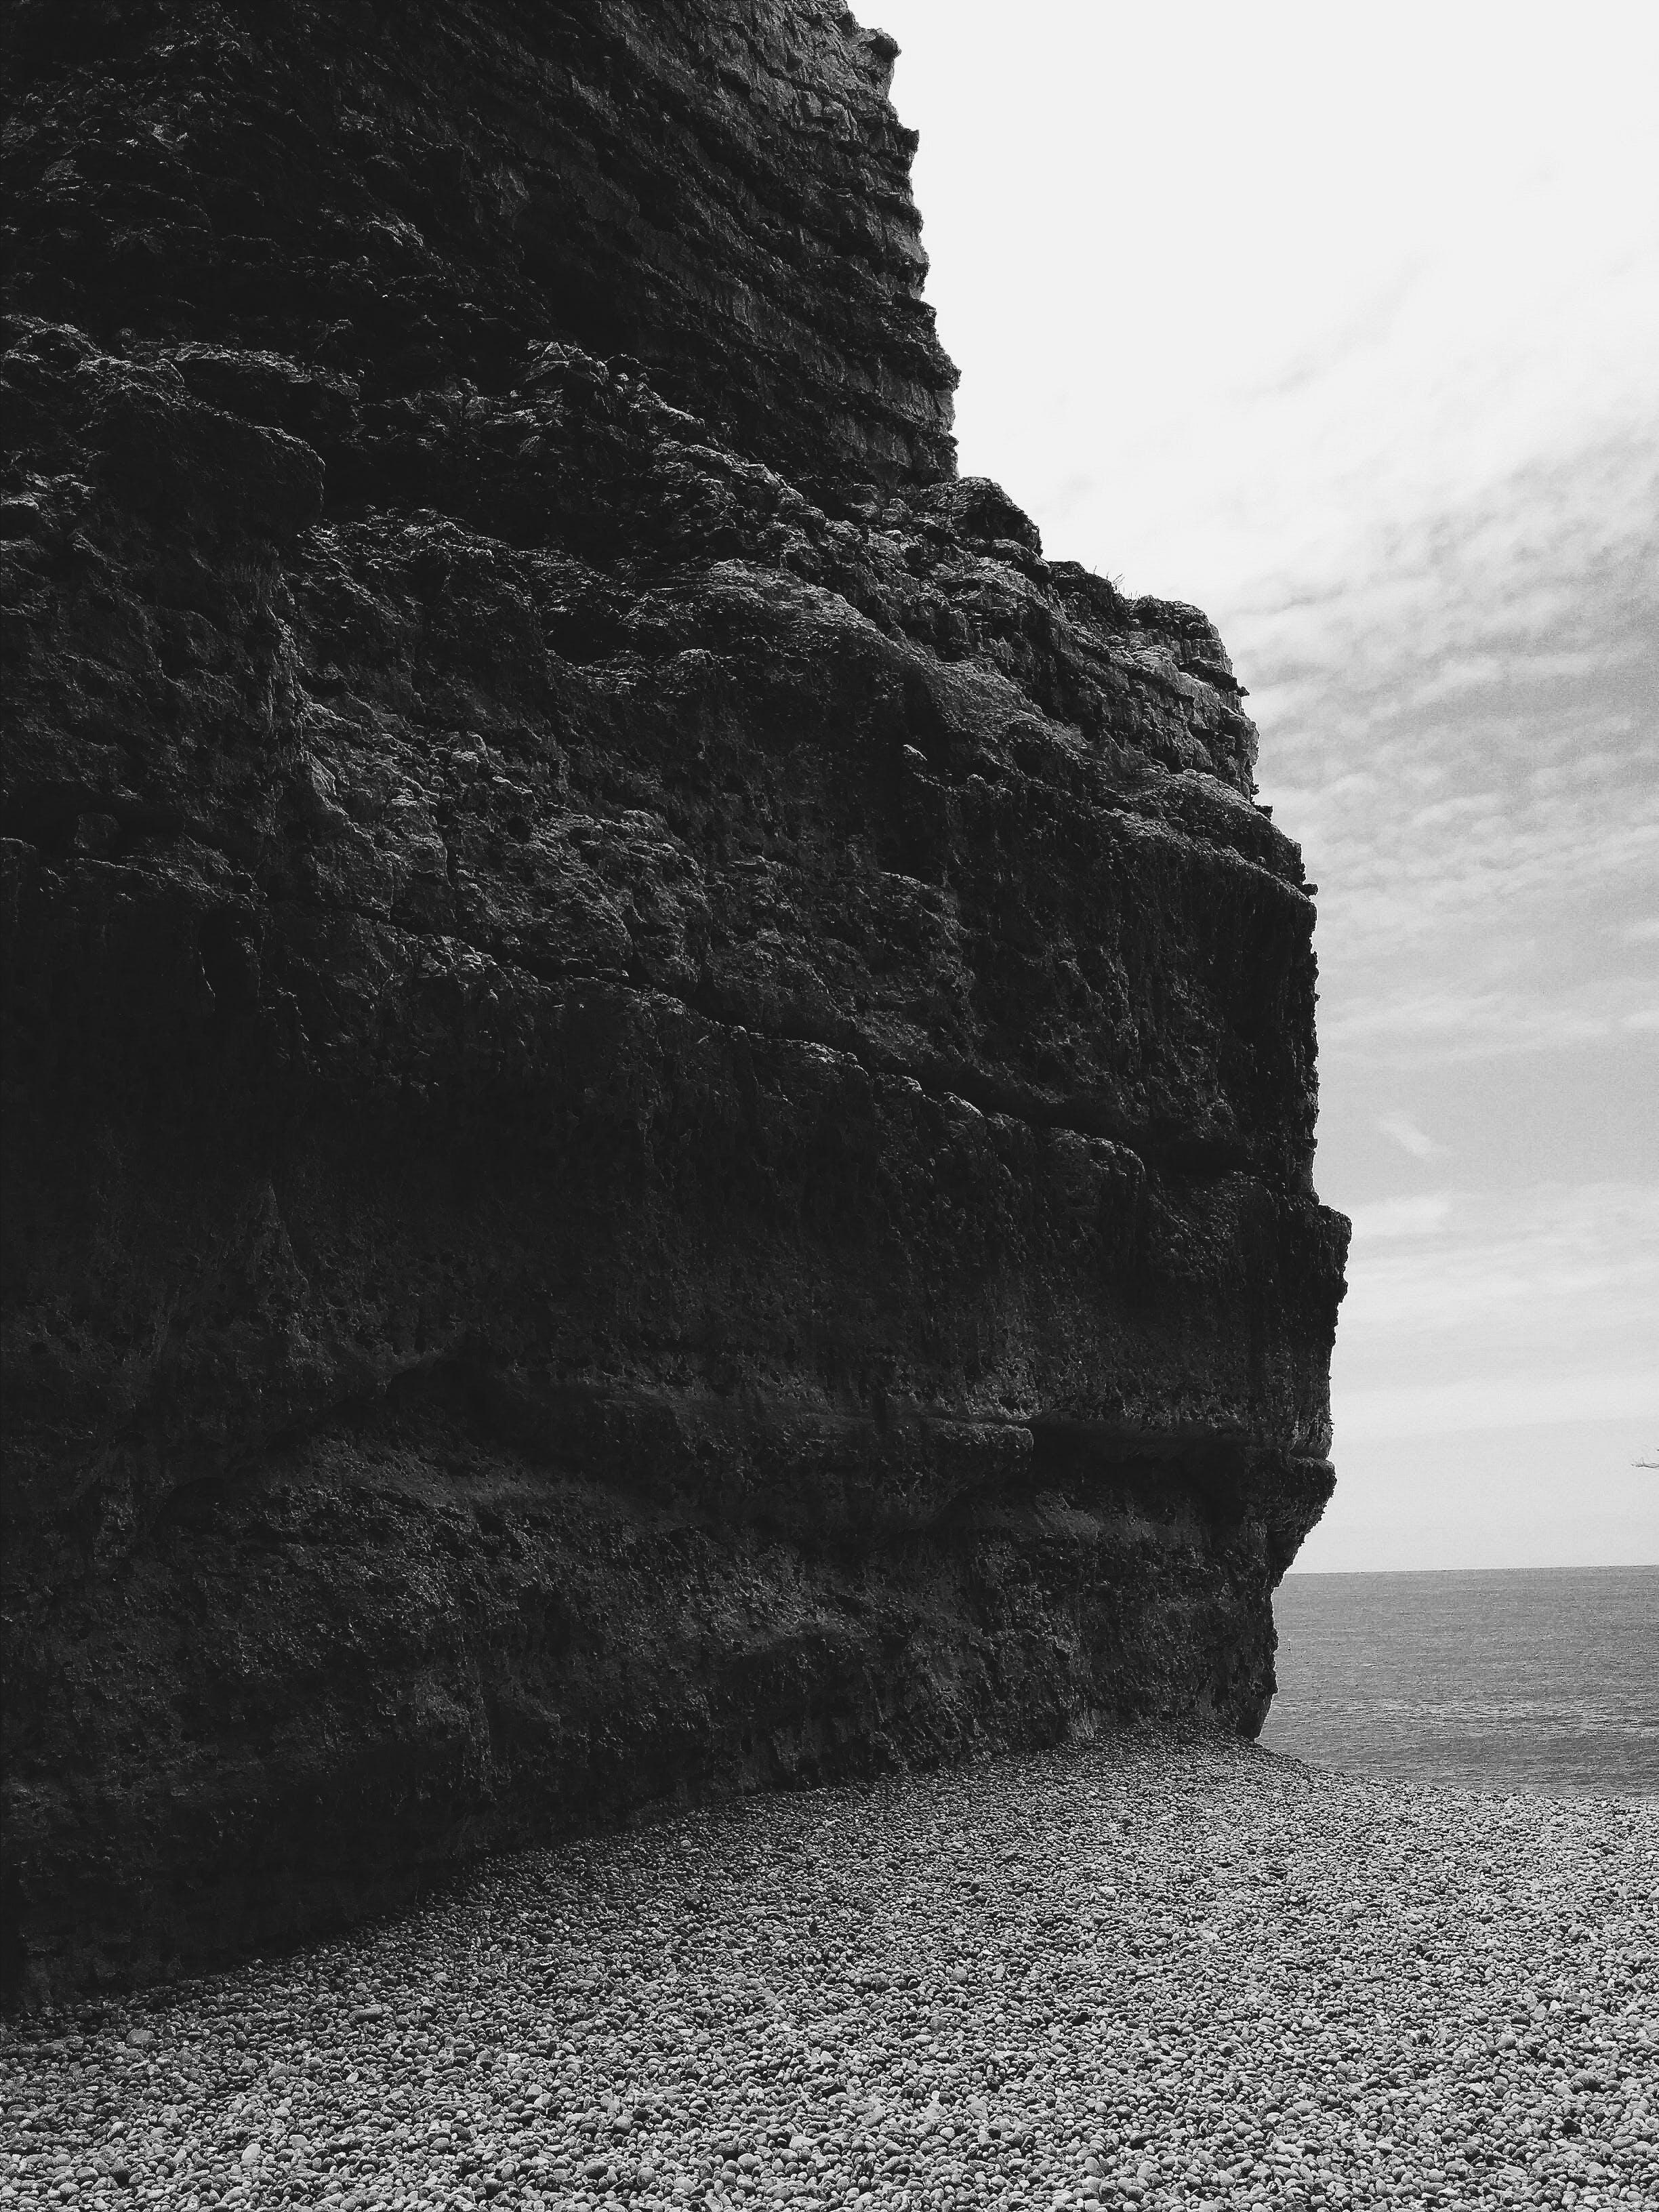 Fotos de stock gratuitas de blanco y negro, mar, playa, rocas